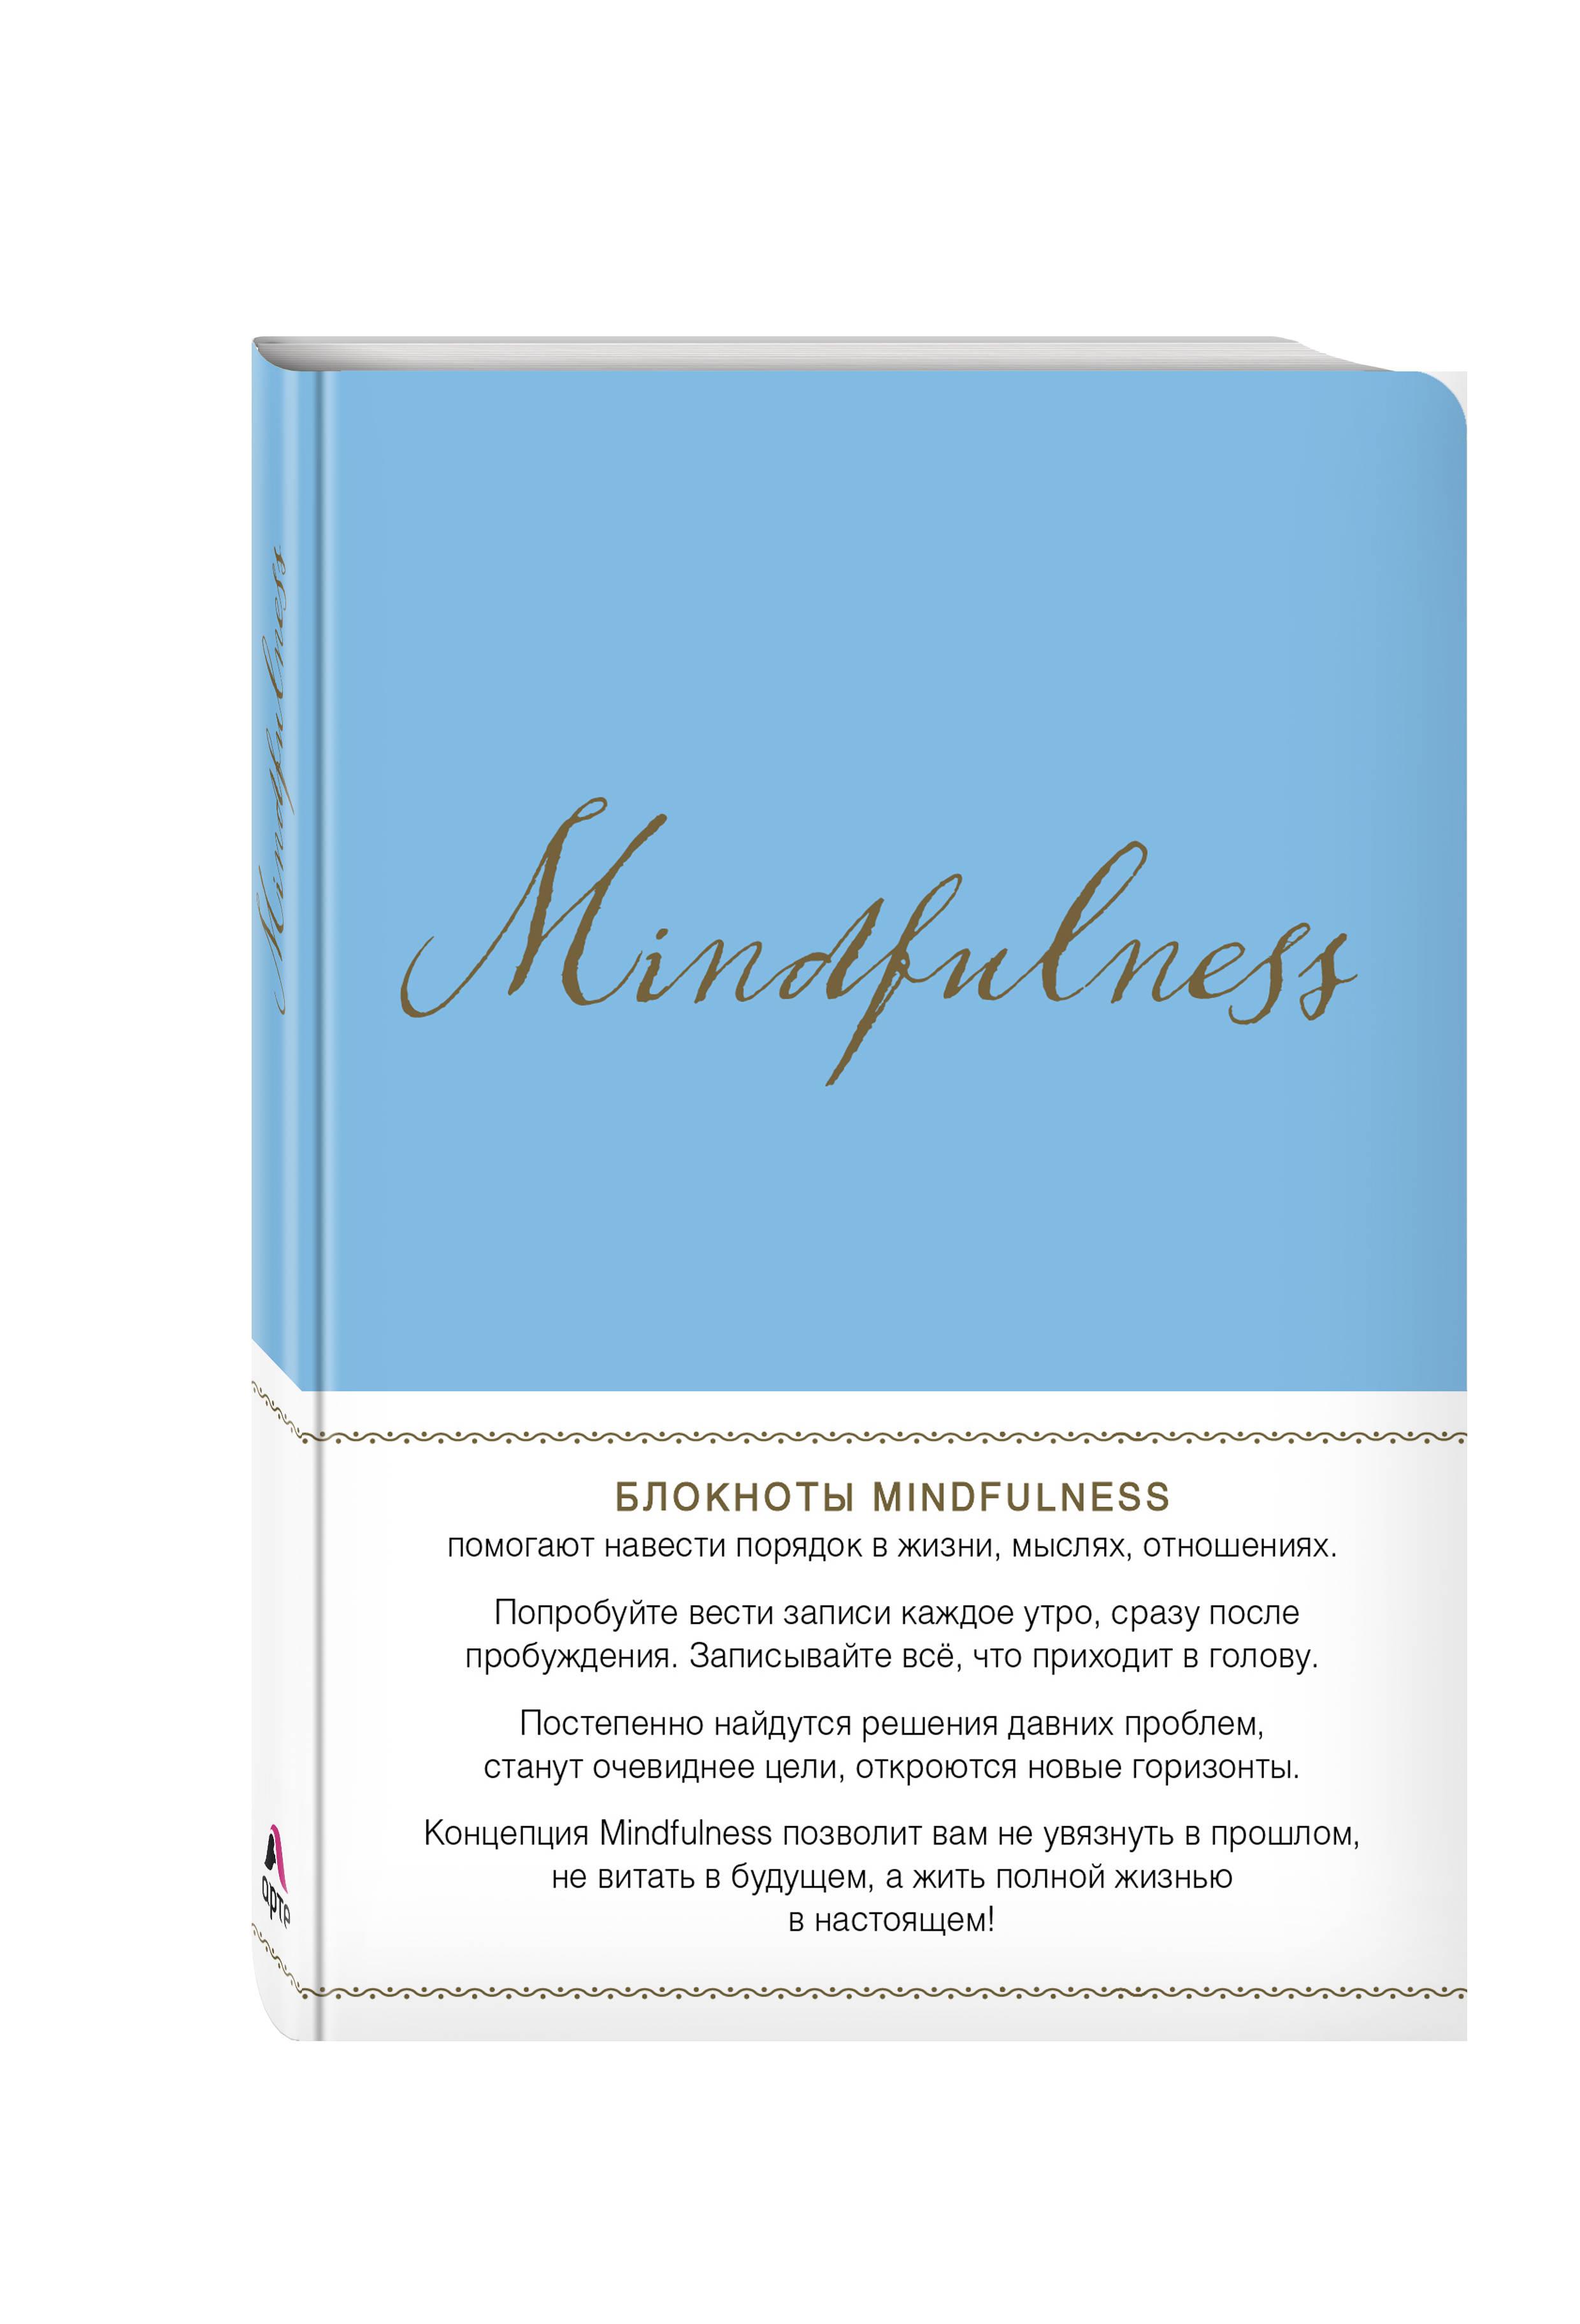 Mindfulness. Утренние страницы (васильковый) (скругленные углы) (Арте) mind ulness утренние страницы лимон